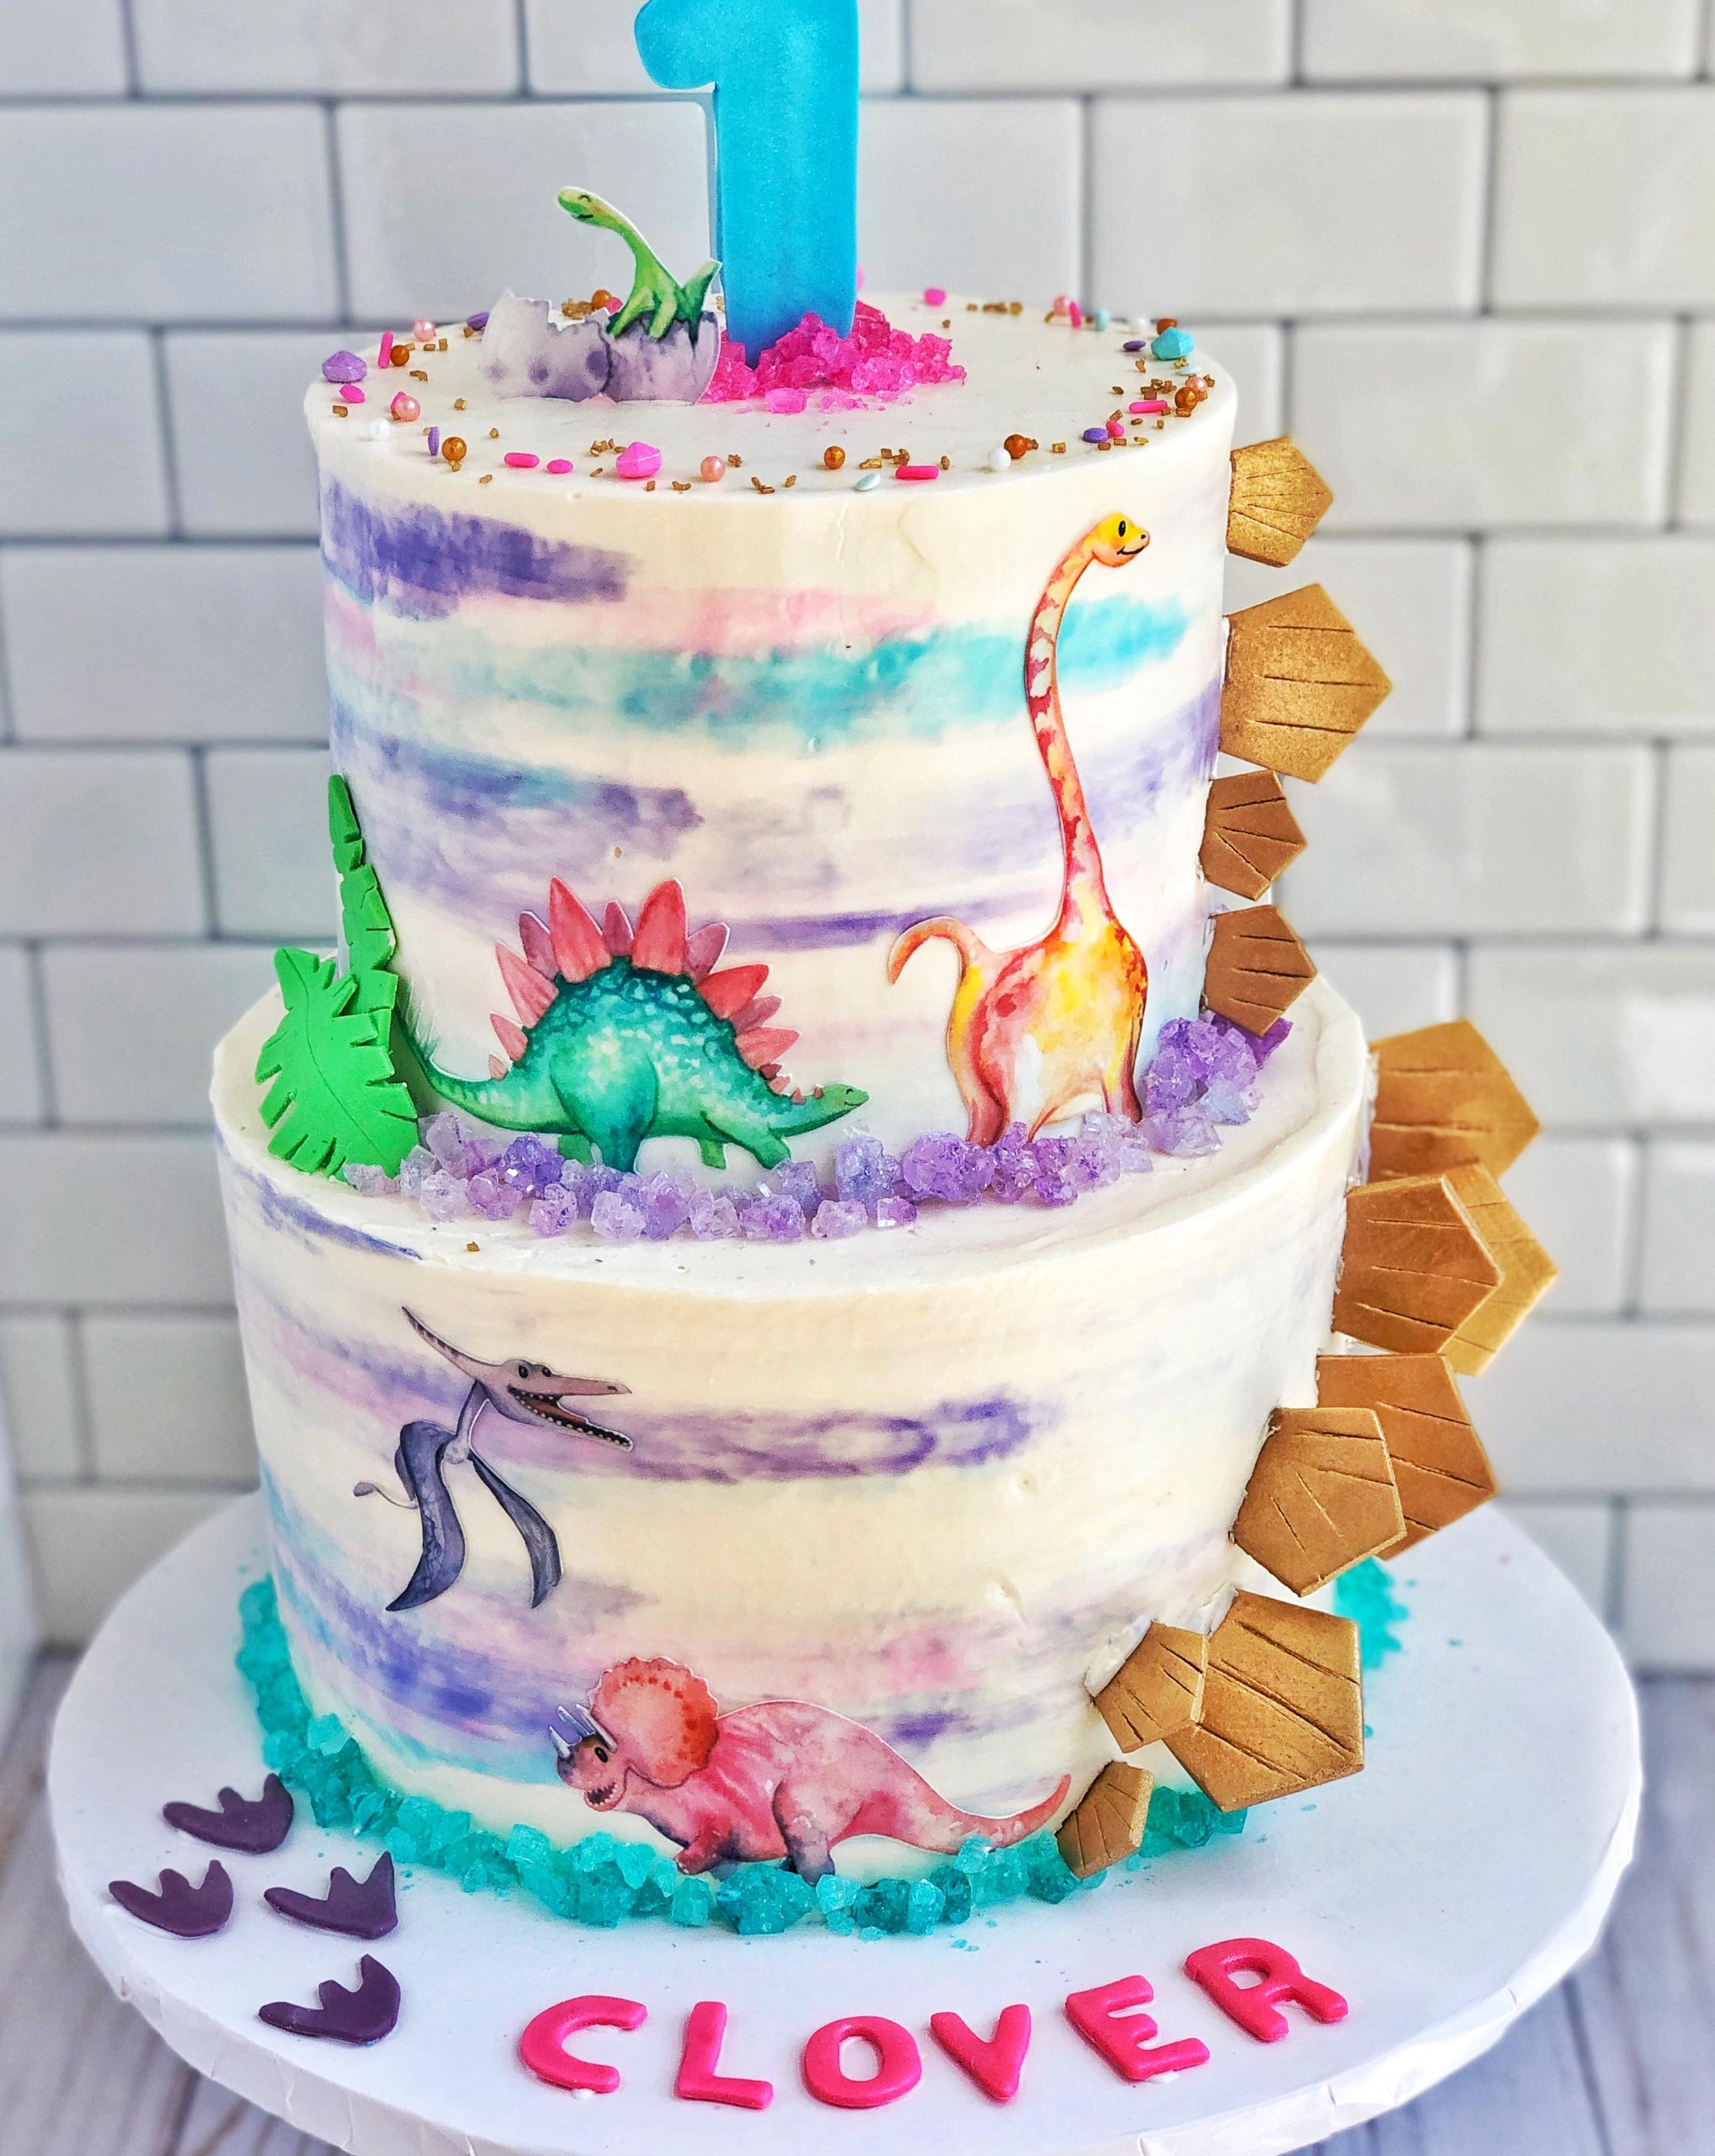 Girl's Dinosaur Cake